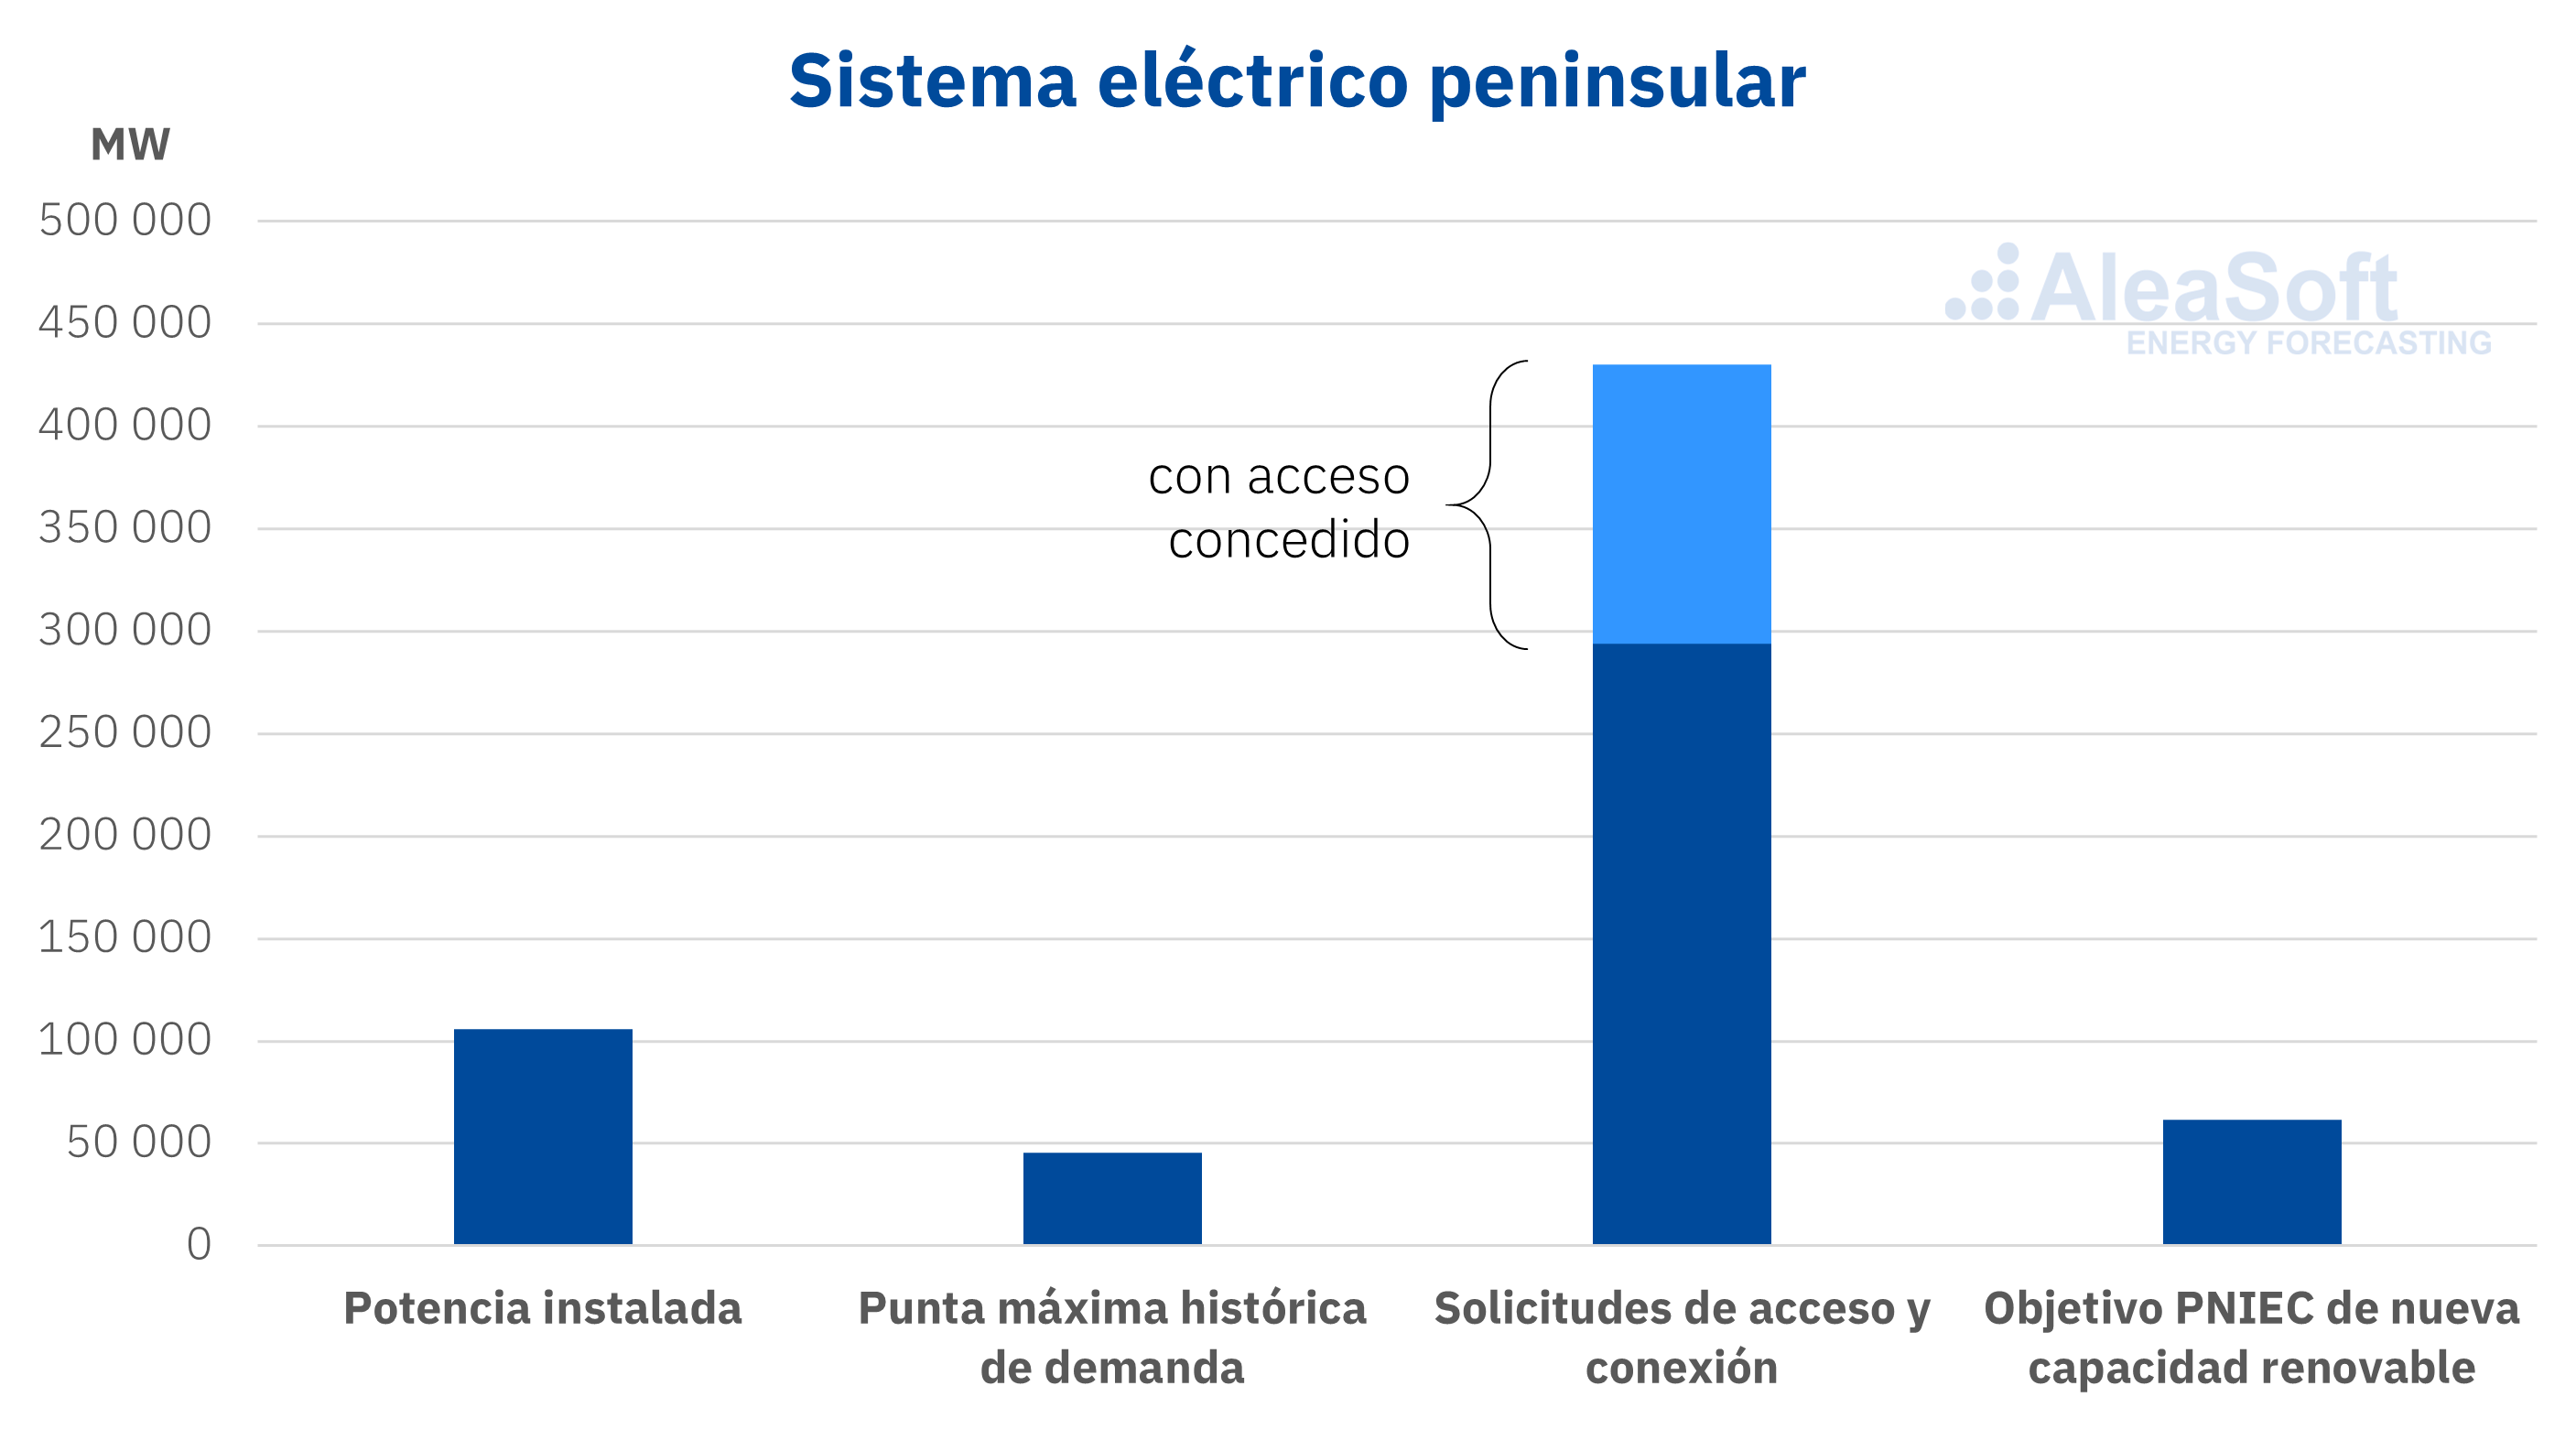 AleaSoft - Solicitudes acceso conexión Espana MW